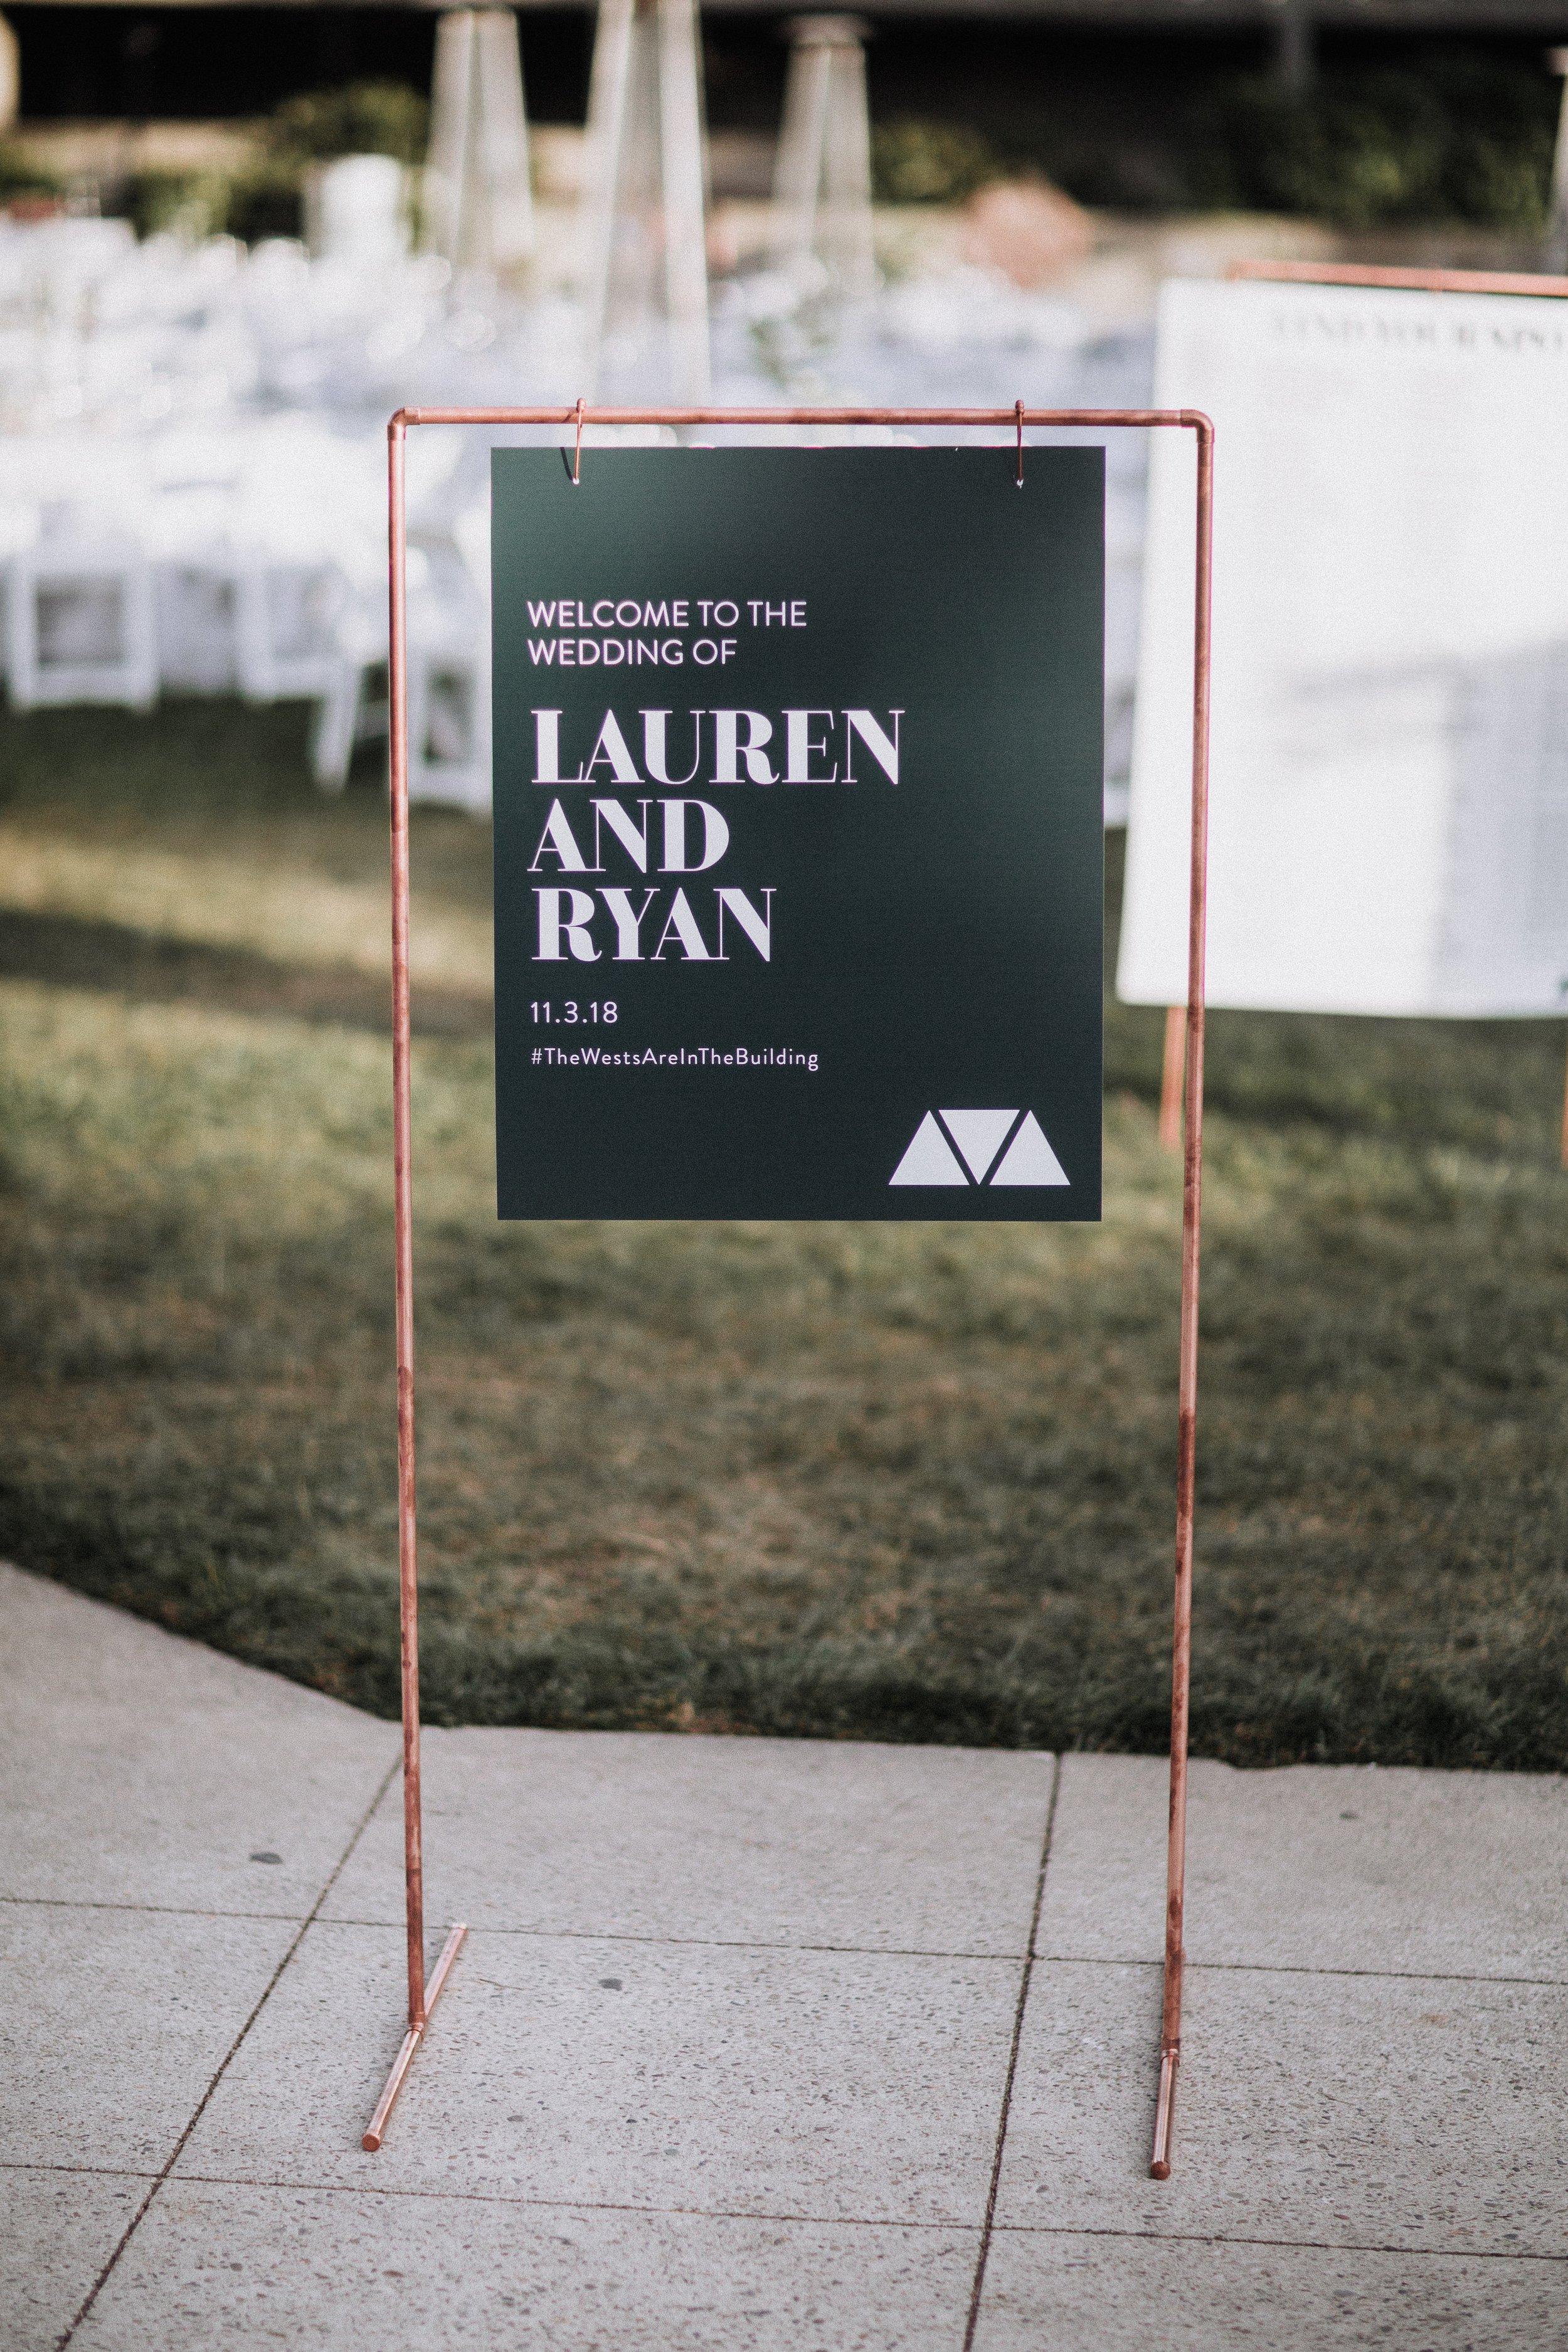 Lauren And Ryan Welcome To The Wedding Oakland Museum of California KLdc